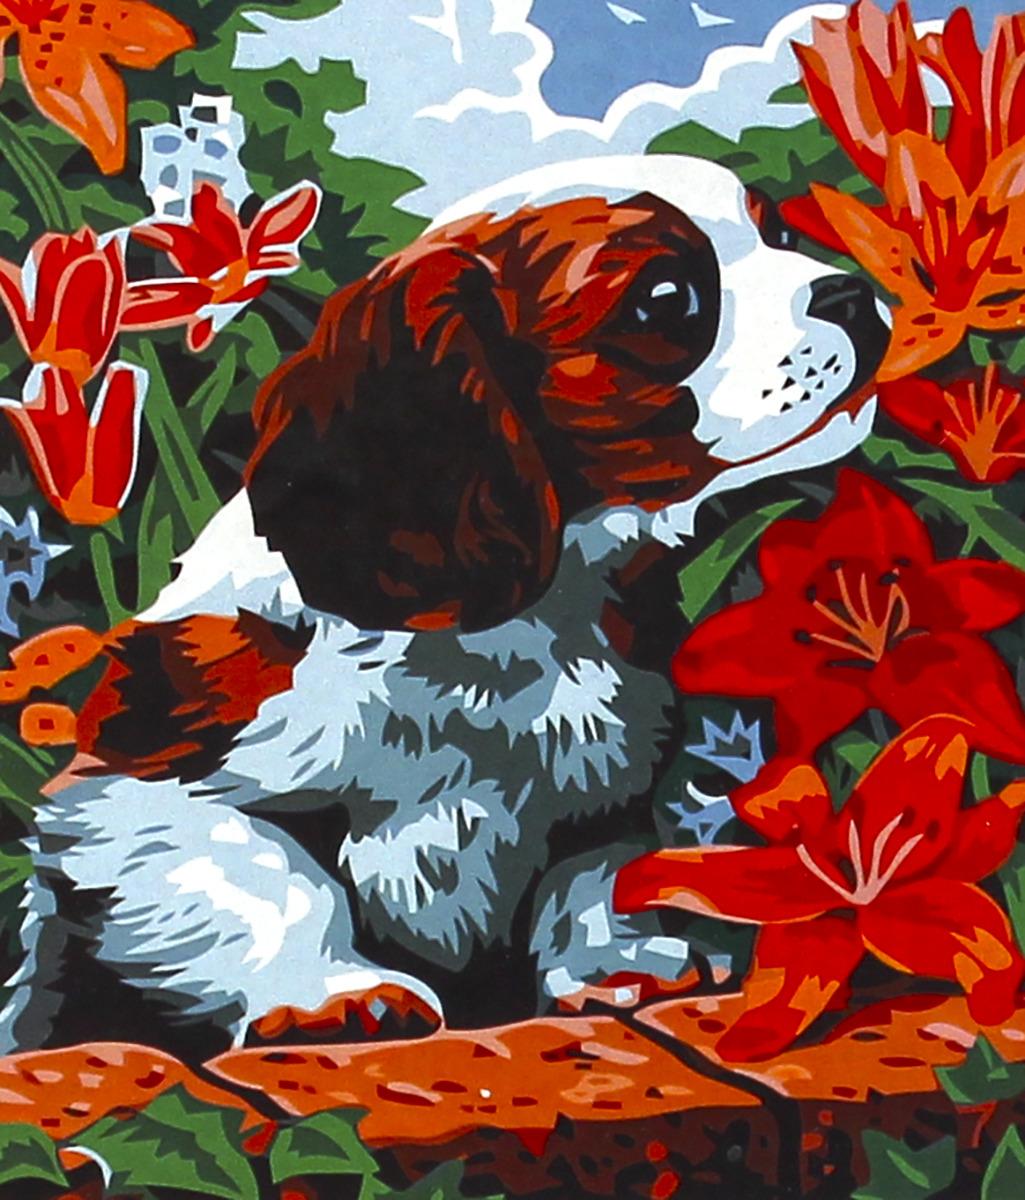 """Набор для живописи Рыжий кот """"Щенок спаниеля в цветах"""", 50 х 40 см"""